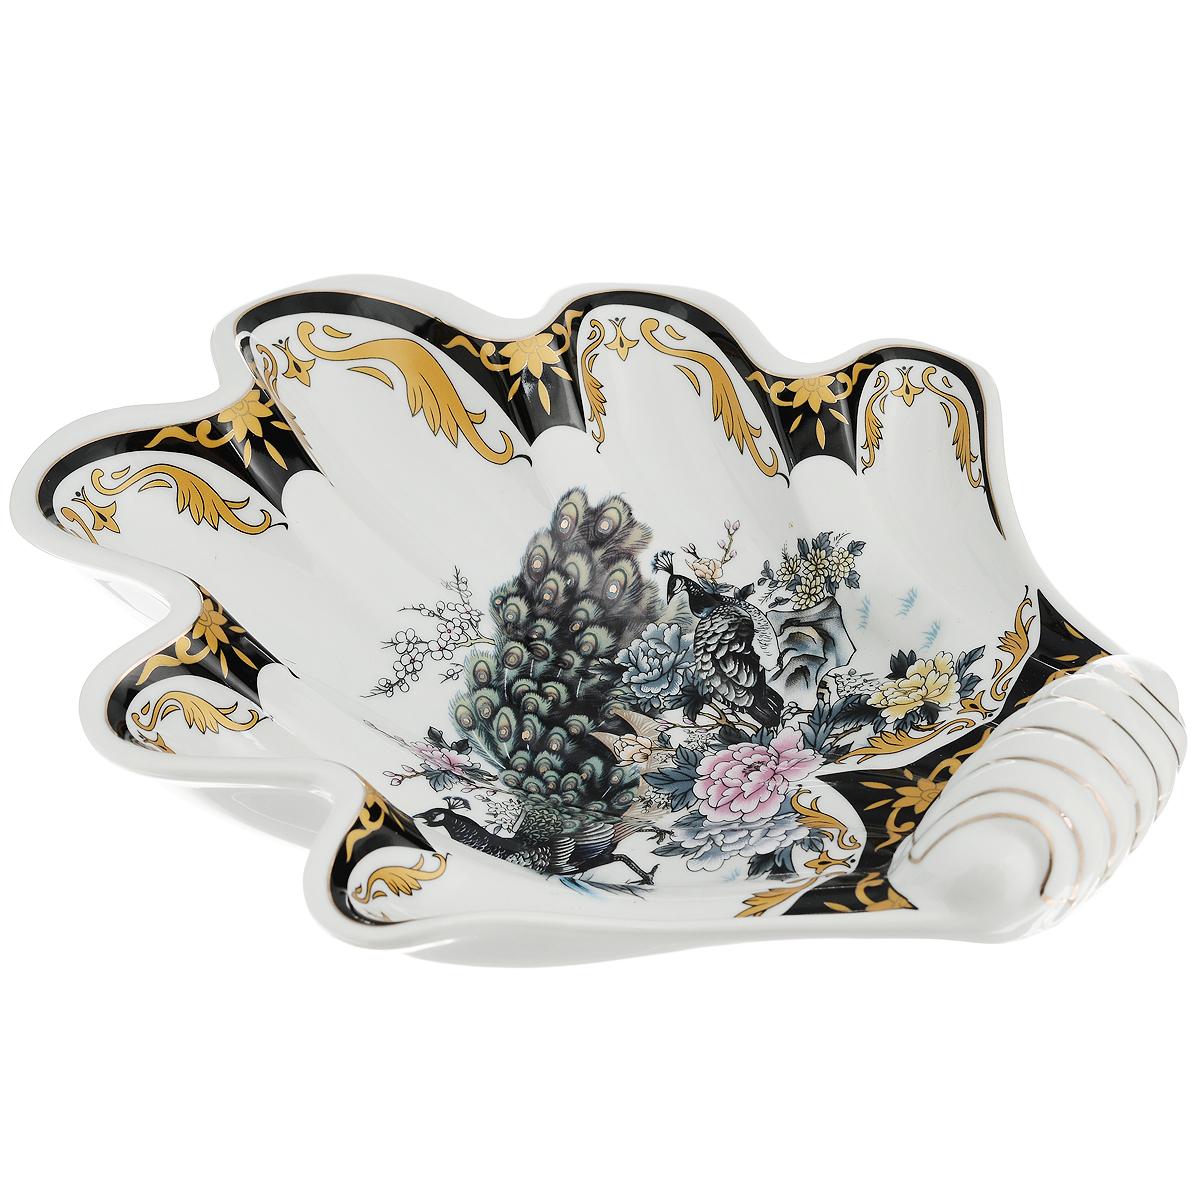 Блюдо Saguro Сказочный павлин, 22,5 см х 25 см х 5 см518-038Блюдо Saguro Сказочный павлин изготовлено из фарфора в виде изящной ракушки. Изделие оформлено красочным изображением павлинов.Такое блюдо сочетает в себе изысканный дизайн с максимальной функциональностью. Красочность оформления и необычная форма блюда придется по вкусу тем, кто предпочитает утонченность и изящность. Оригинальное блюдо украсит сервировку вашего стола и подчеркнет прекрасный вкус хозяйки, а также станет отличным подарком.Не использовать в микроволновой печи. Не применять абразивные чистящие вещества.